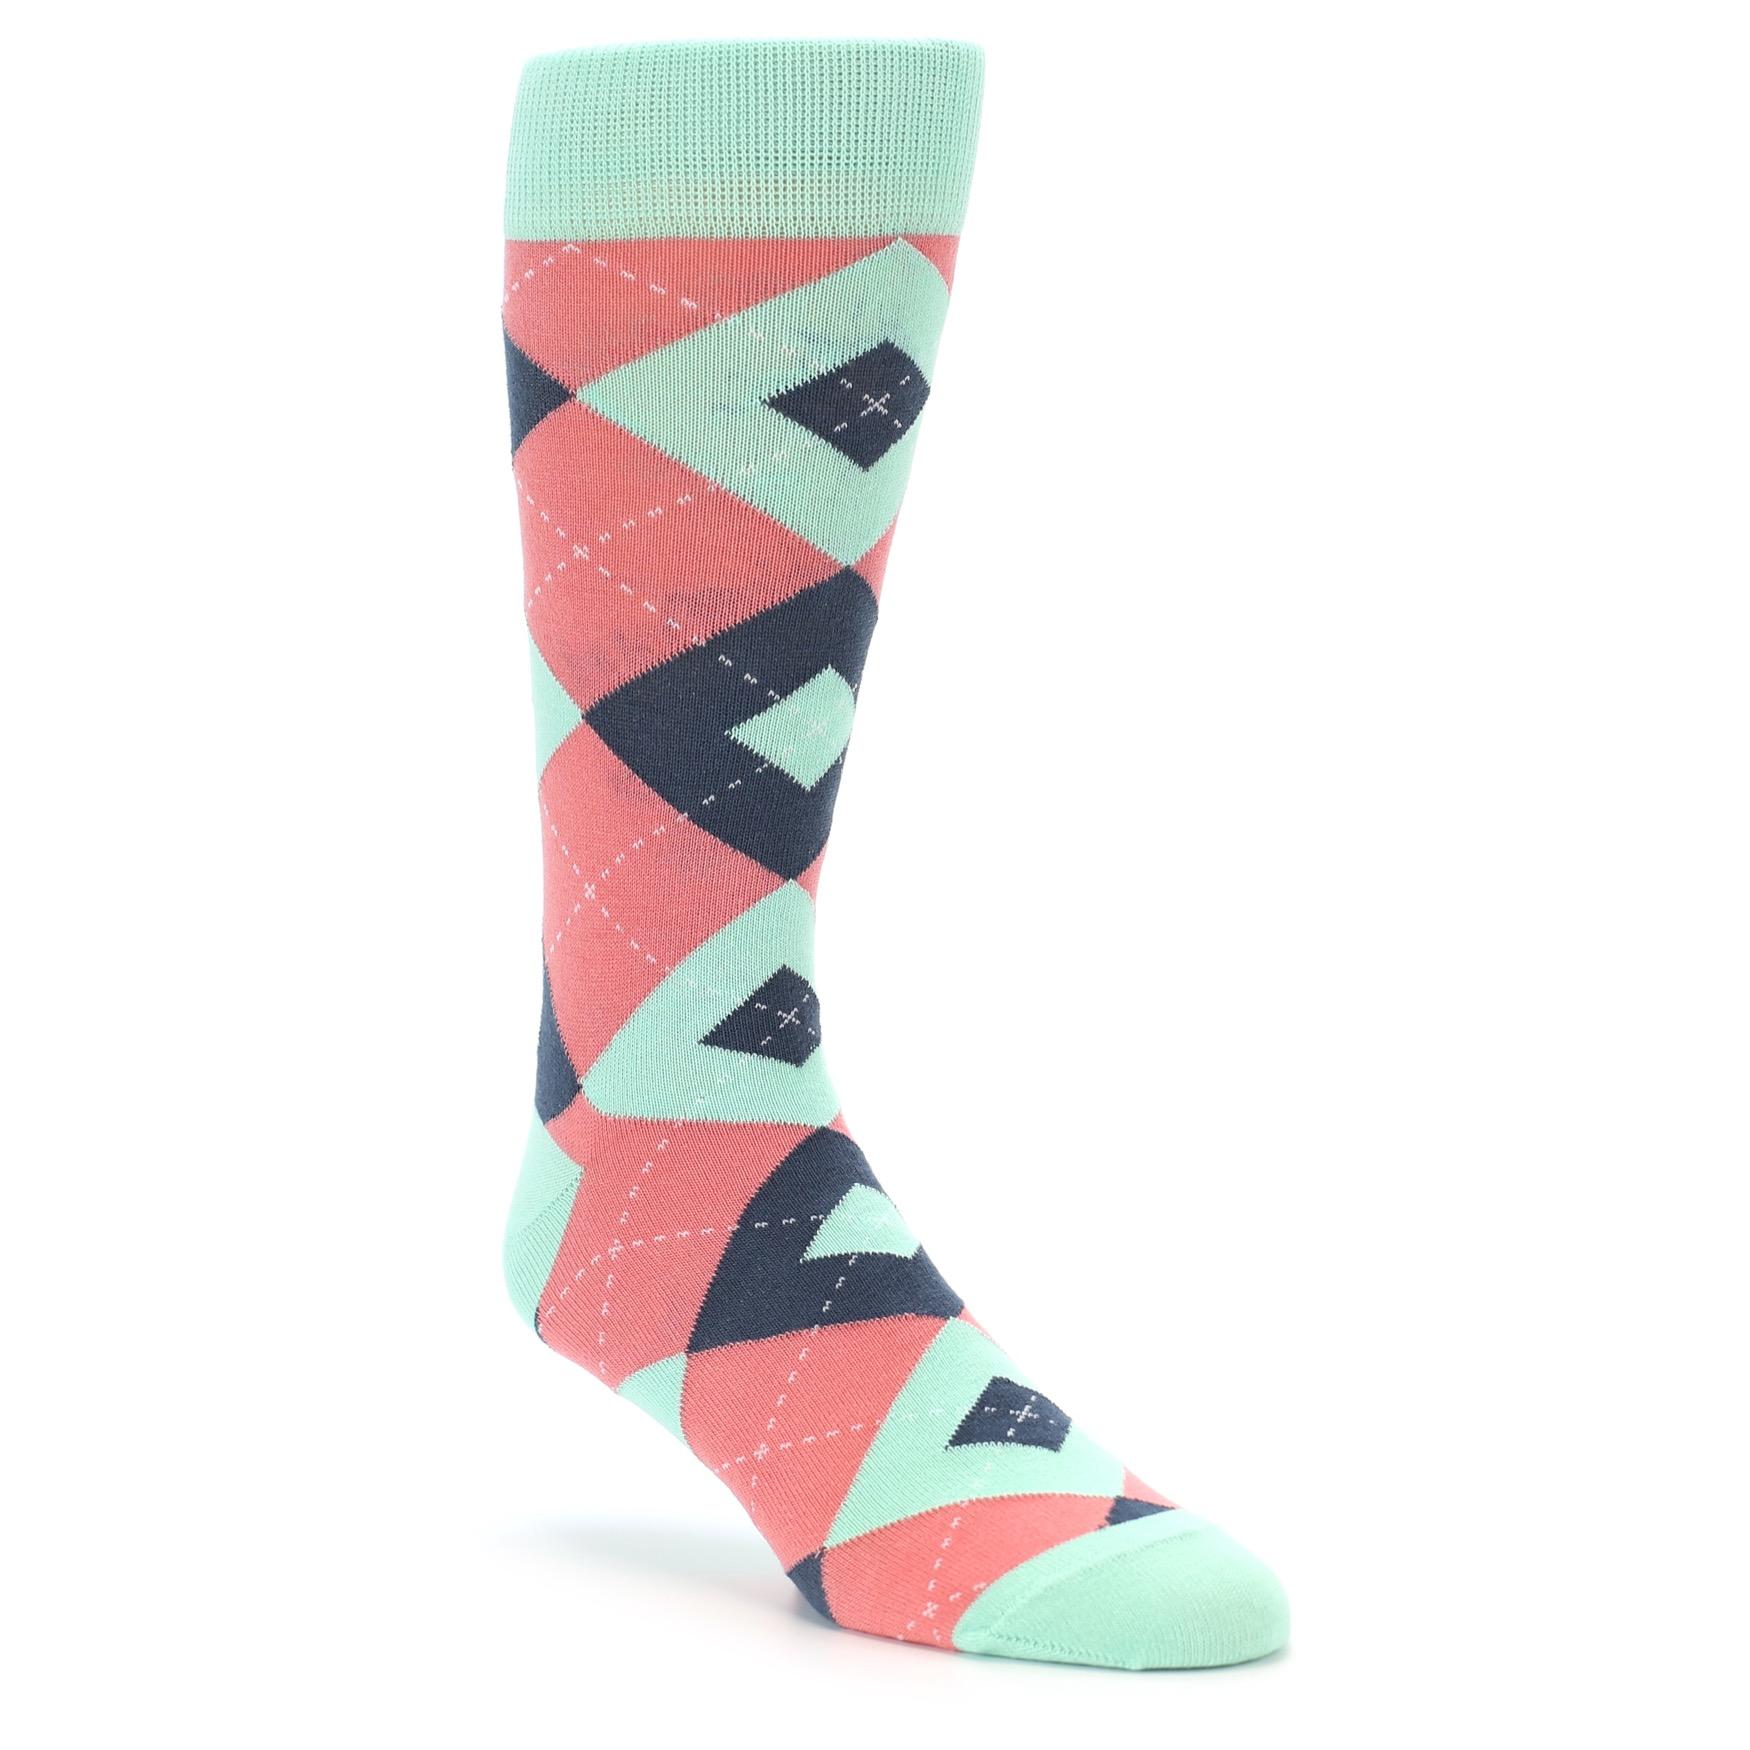 Groom Socks - Mint Green - Groomsmen Socks - Mens Dress Socks - Groomsmen Gift - Wedding Socks - Wedding Party Gift tmMnKBalY